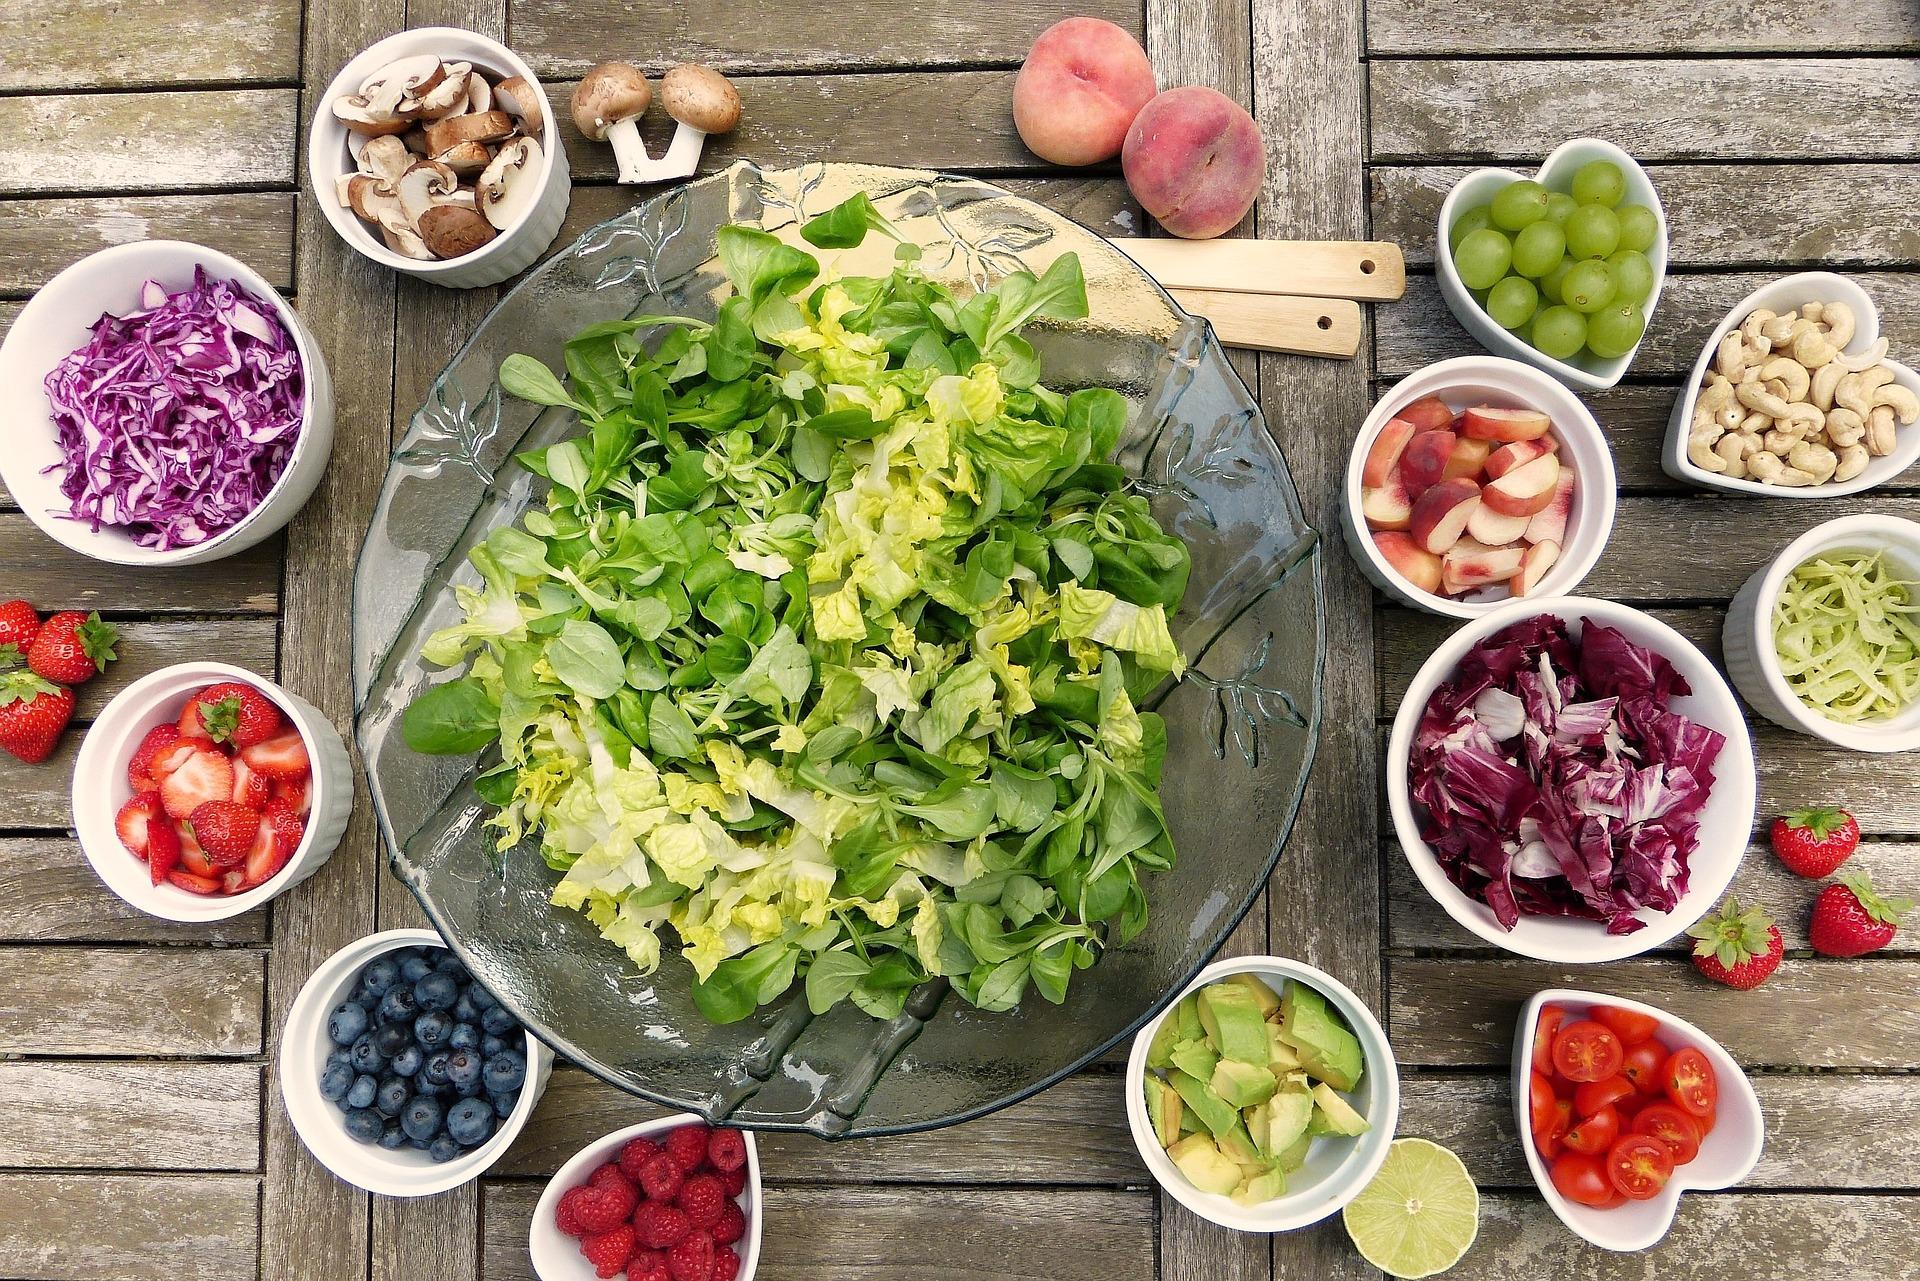 Zdrowie – Oczyszczanie – Odchudzanie  Smacznie i wygodnie